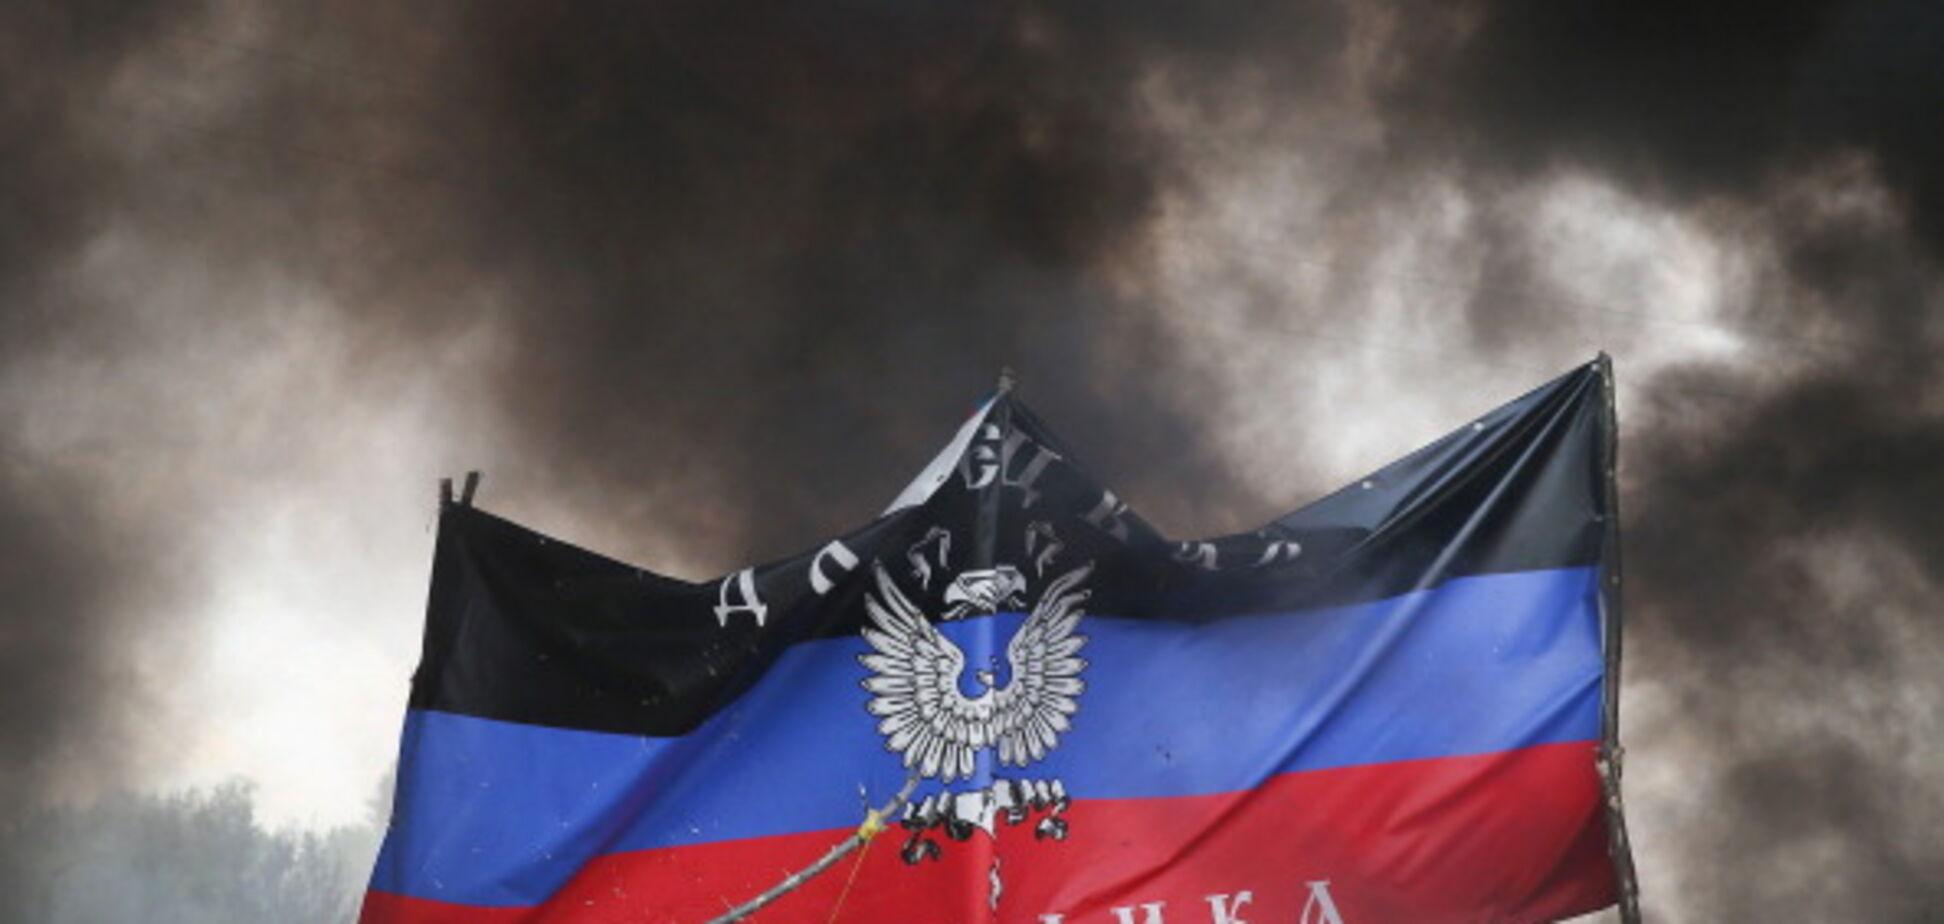 Тука рассказал, как Украина может доказать продажу Россией угля из 'Л/ДНР' в ЕС